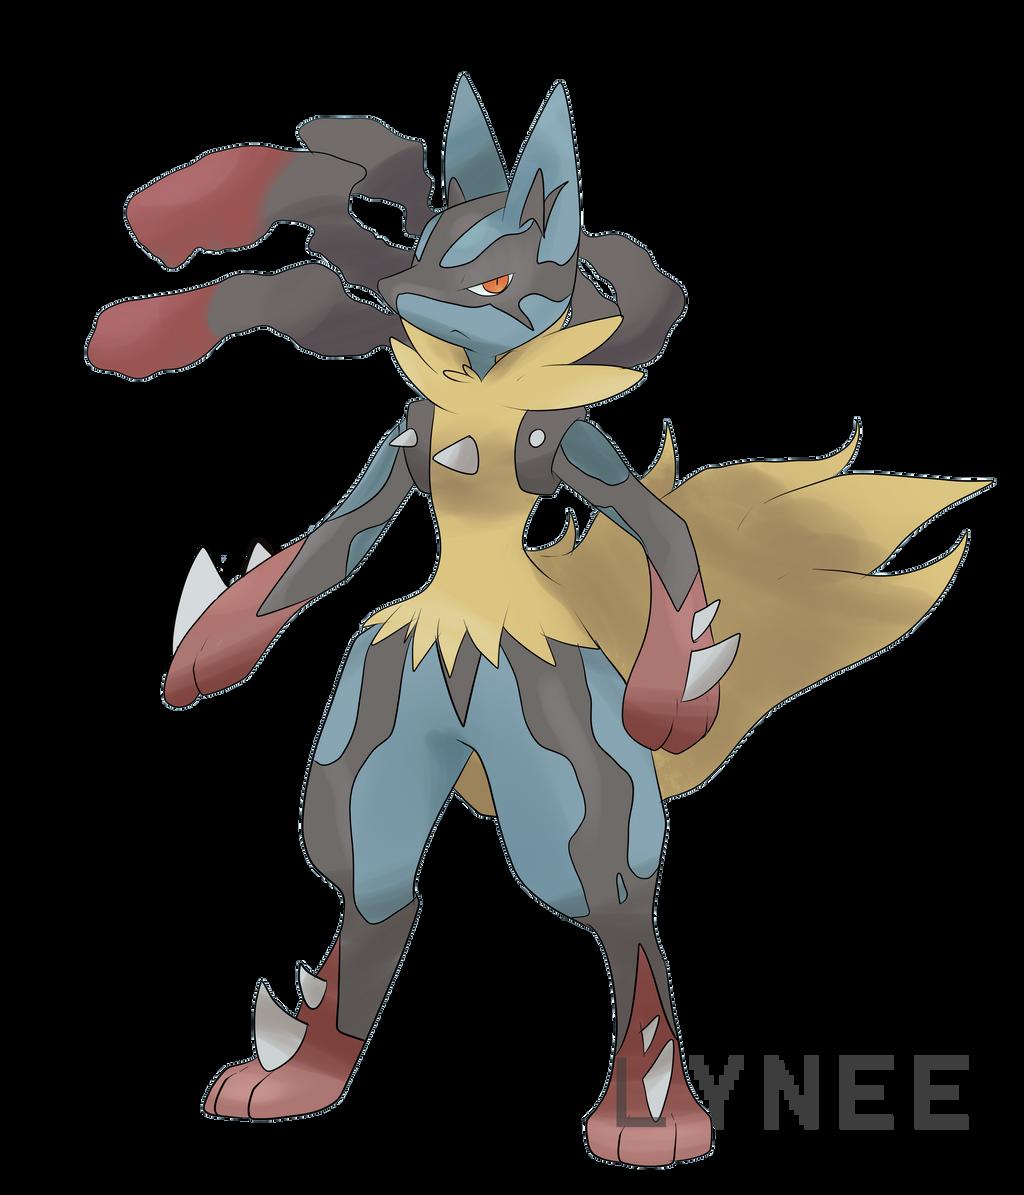 Pokemon Mega Lucario Images | Pokemon Images